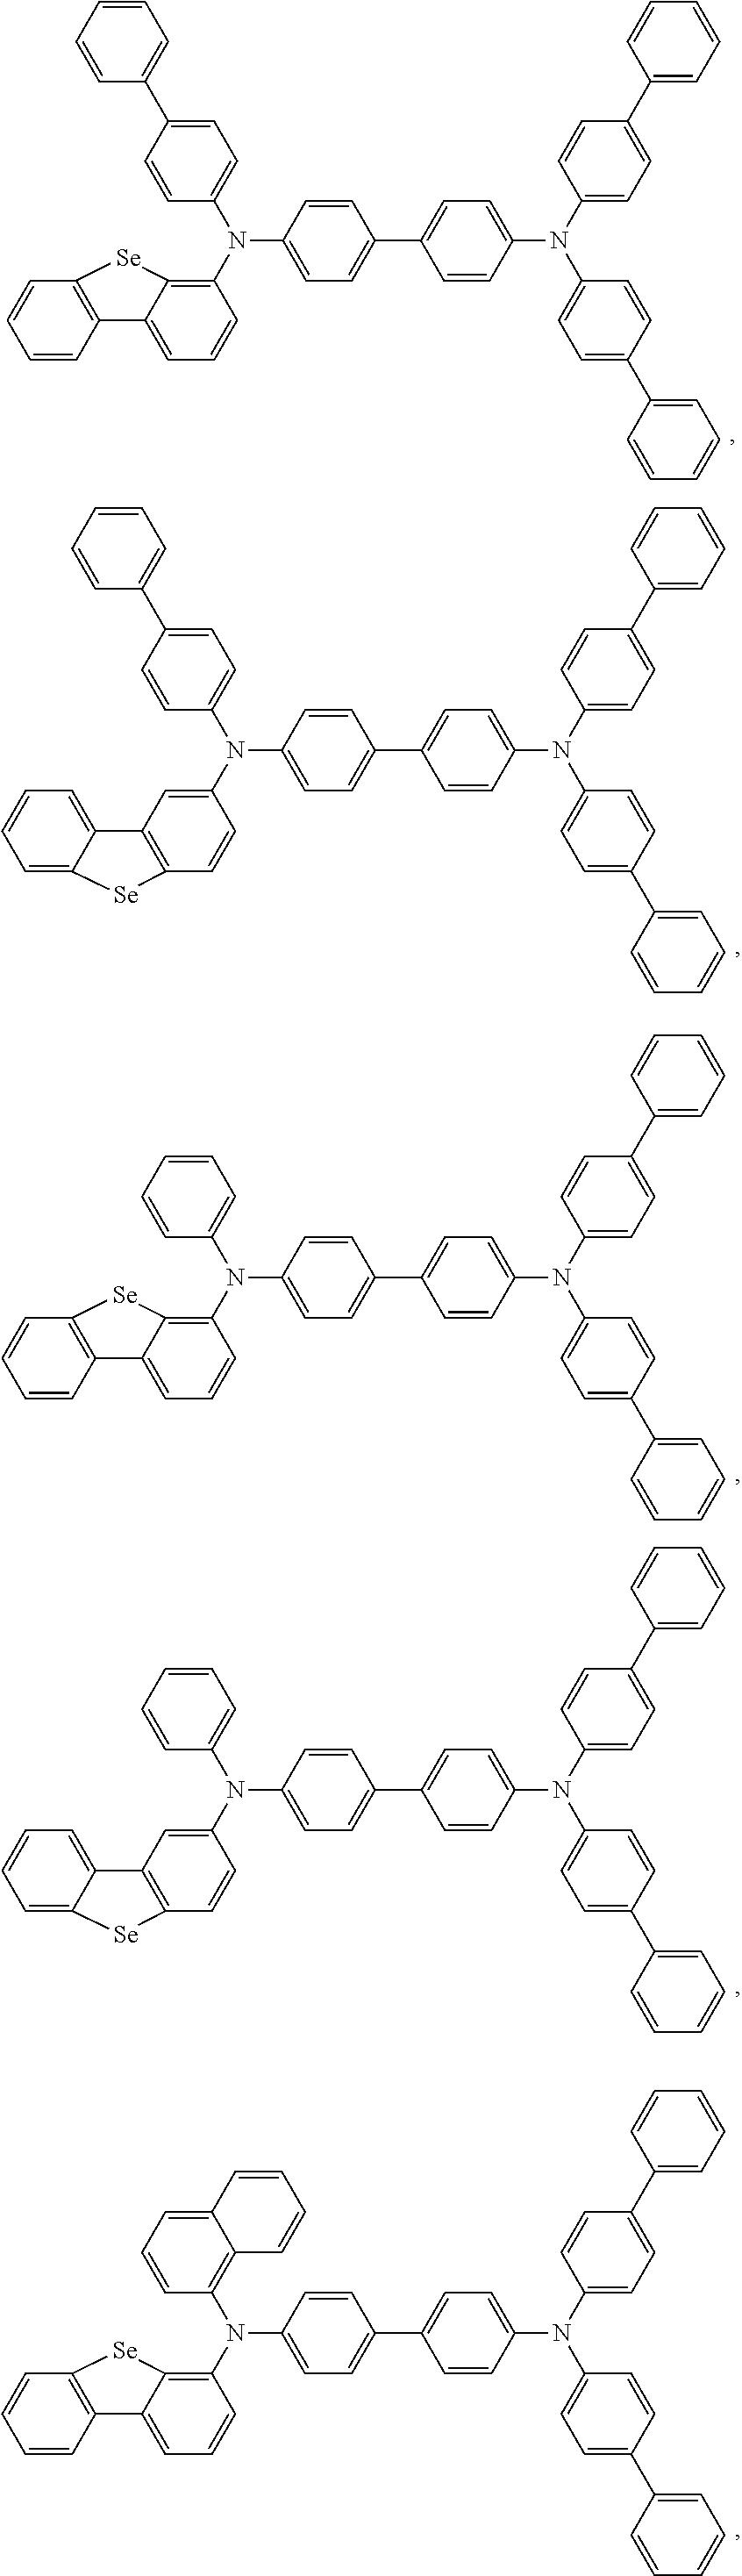 Figure US09455411-20160927-C00224